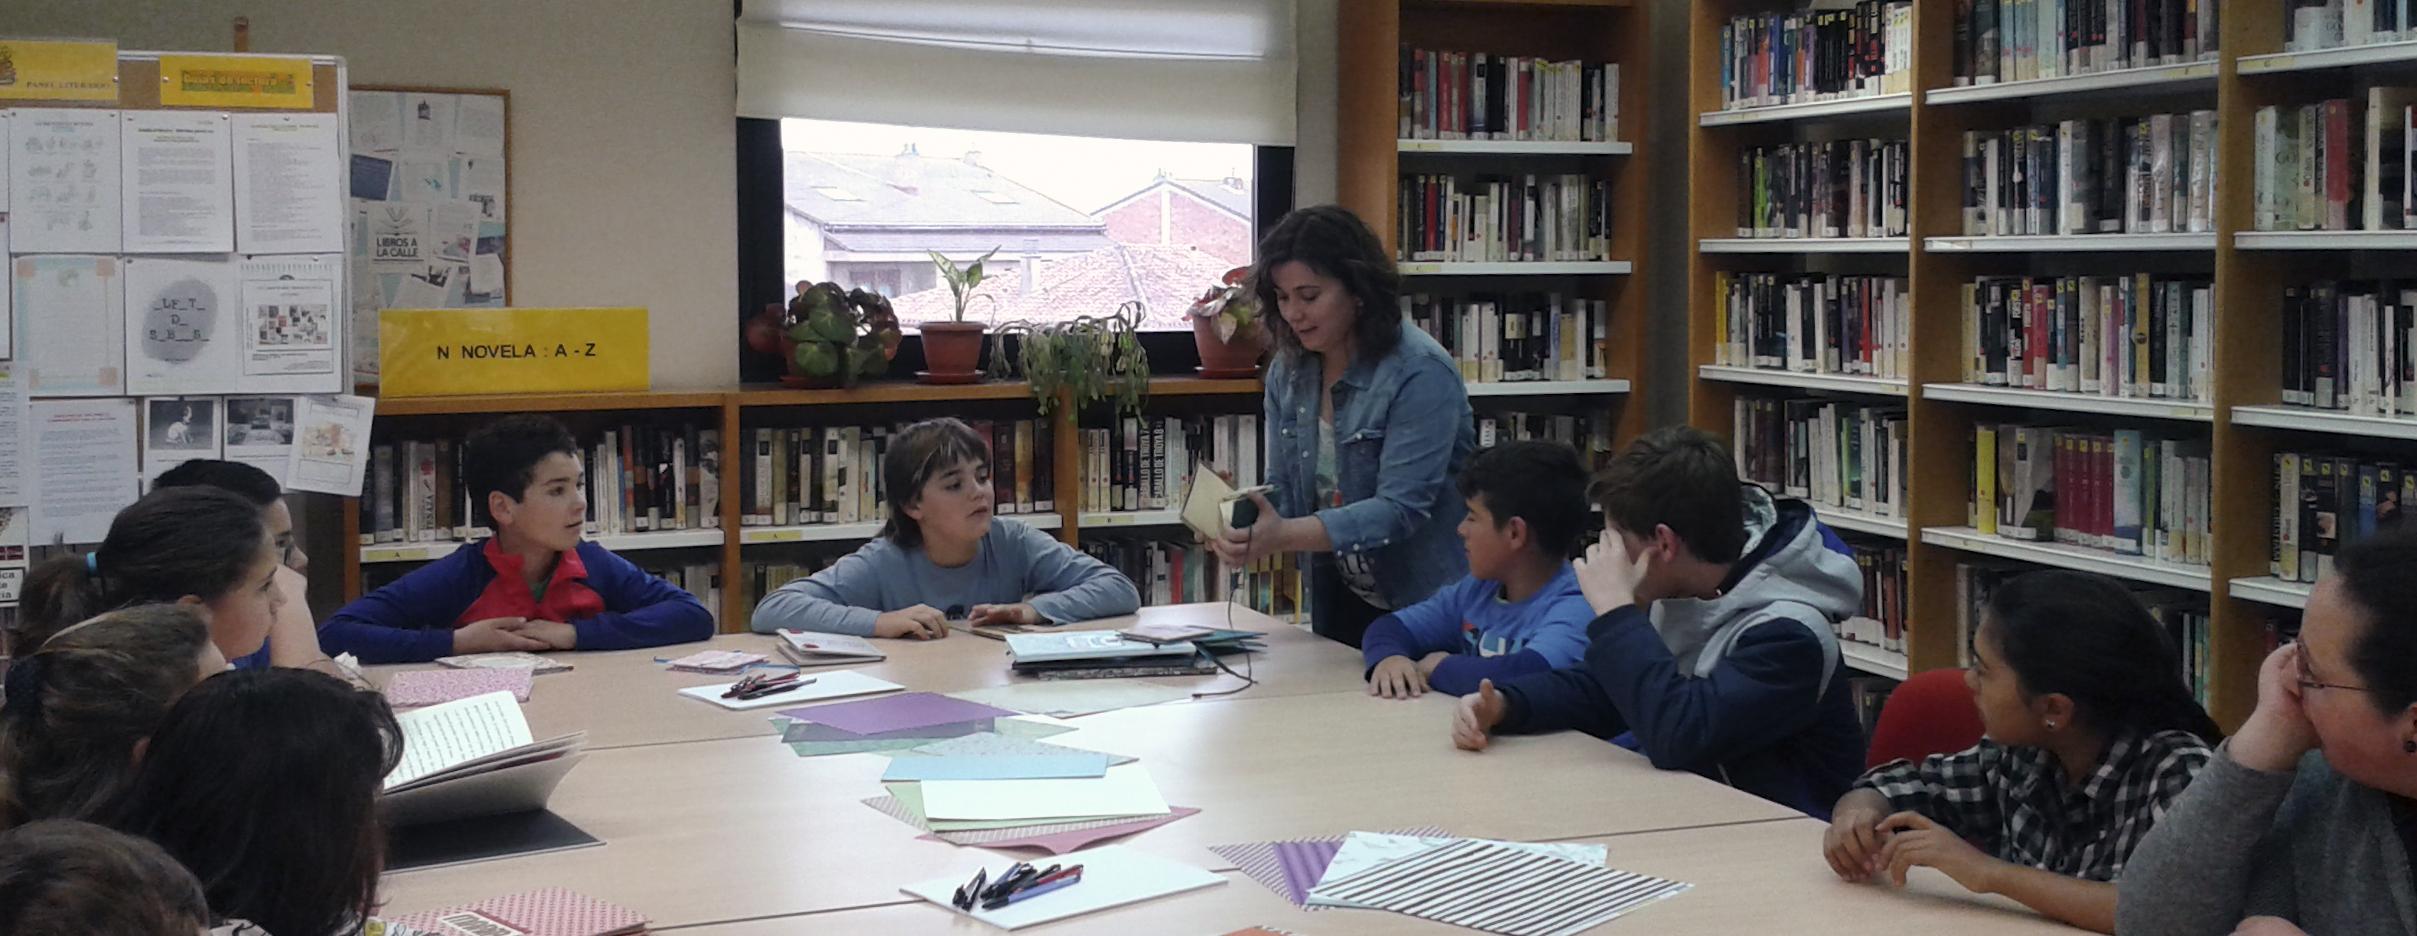 personalizando cuentos con alumnos de primaria